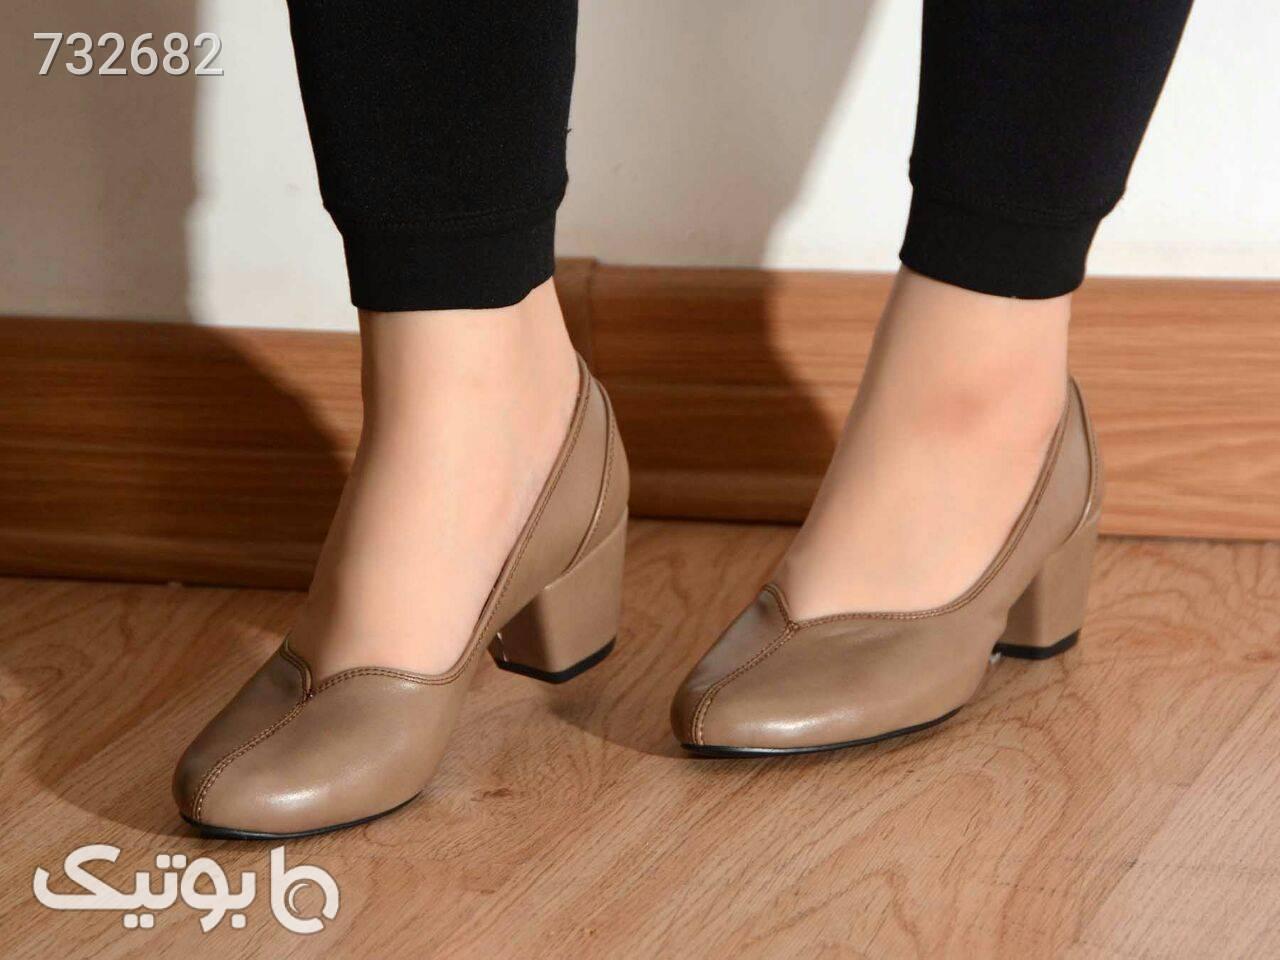 کفش پاشنه 4 سانت قهوه ای كفش پاشنه بلند زنانه